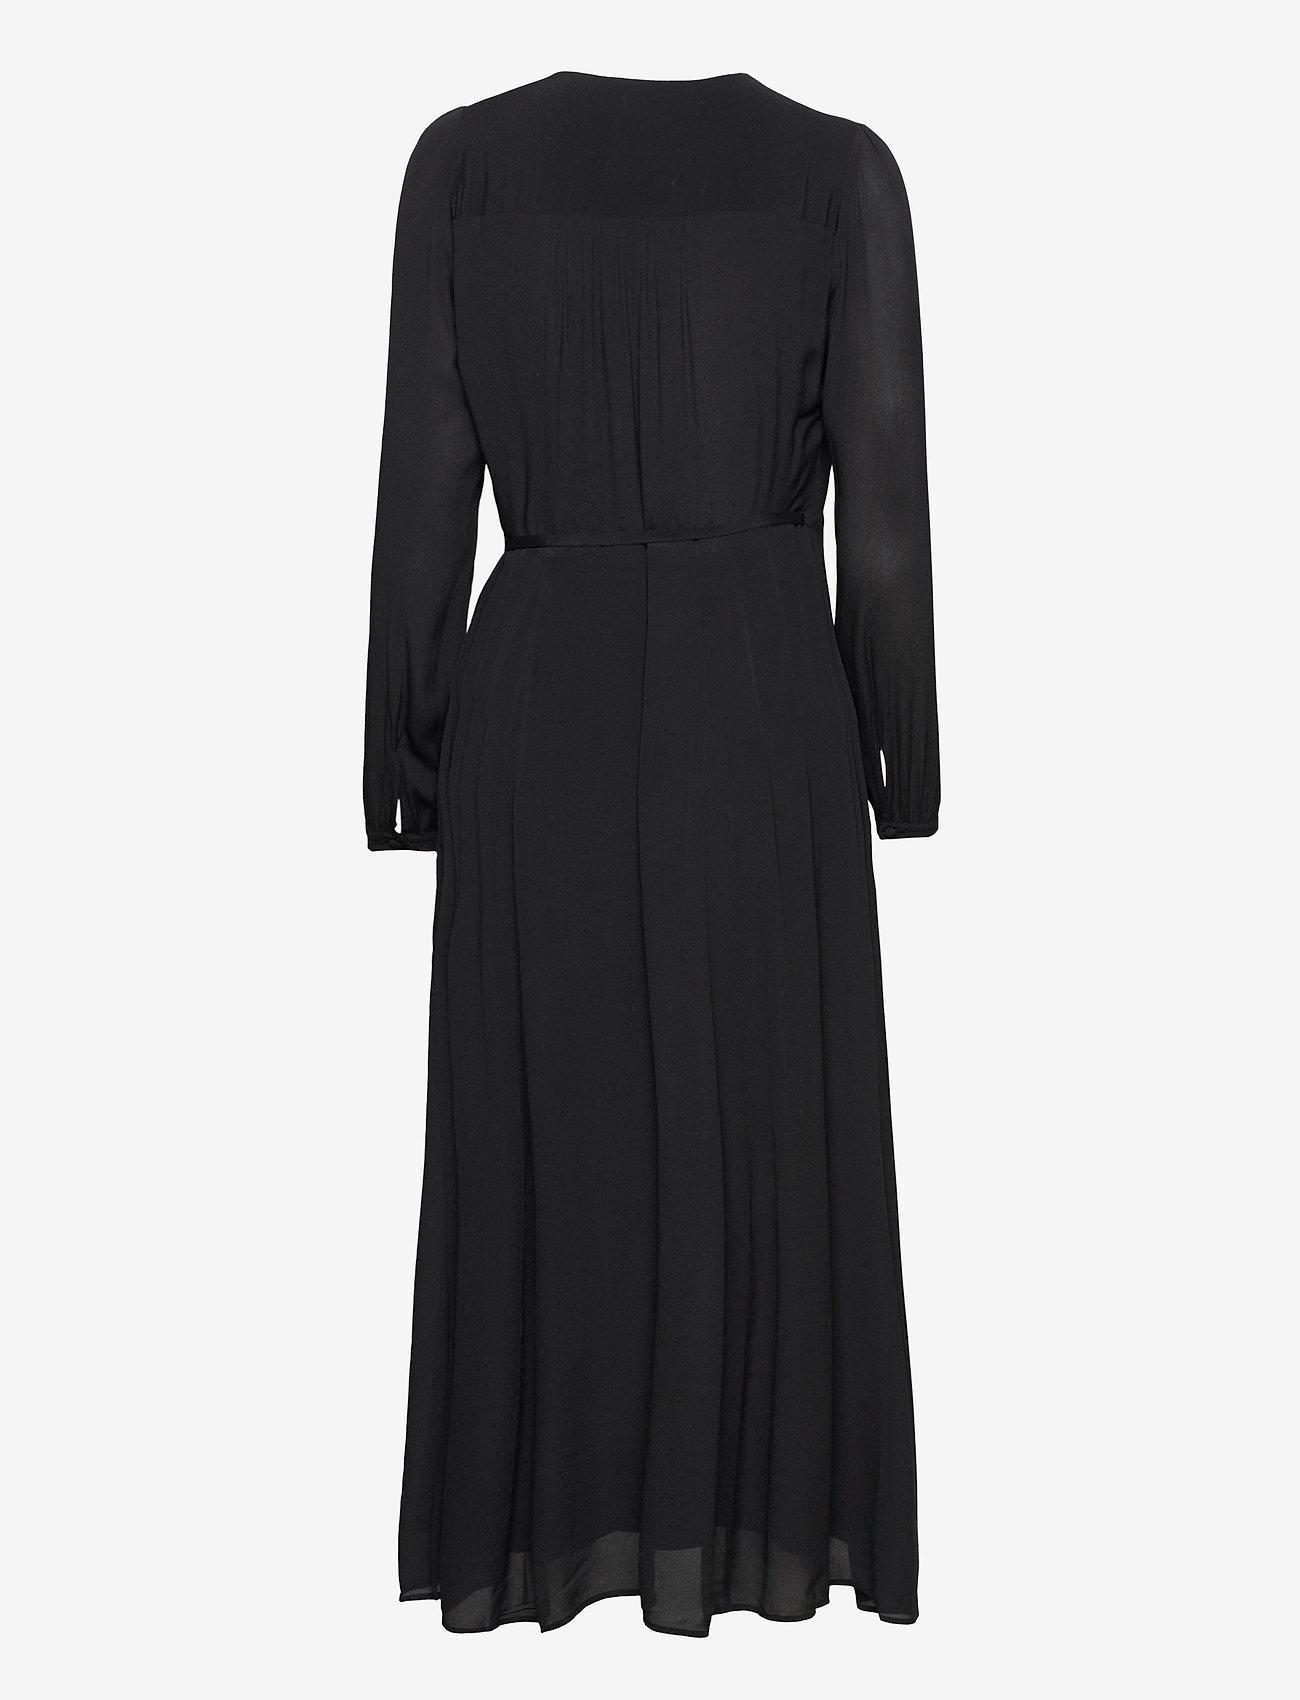 Ivy & Oak - WRAP DRESS ANKLE LENGTH - sommerkjoler - black - 1